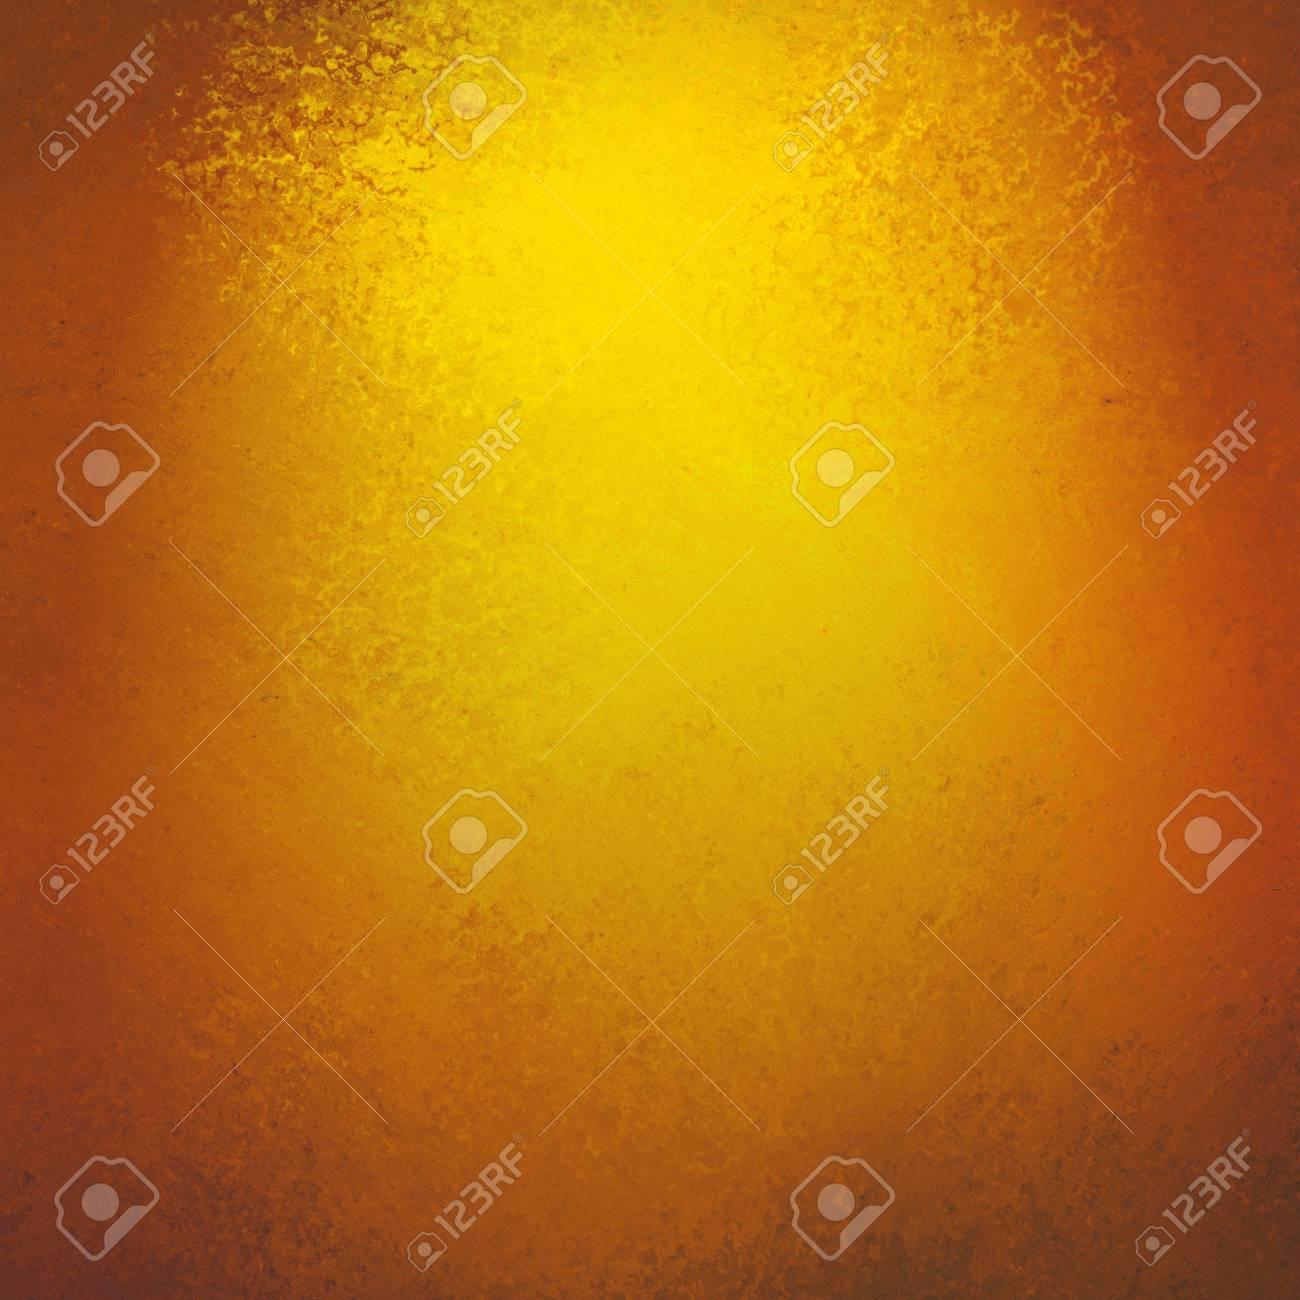 Abstract Gold Background Vignette Black Border, Vintage Grunge ...